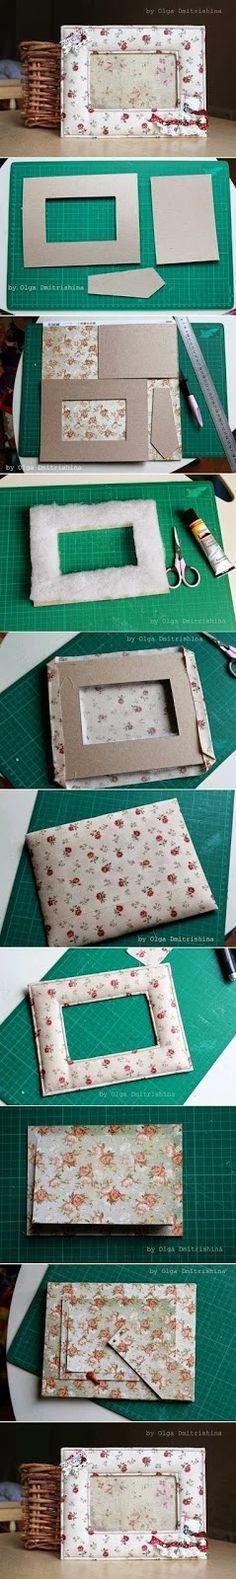 Cadre mes Créations sur Blog : http://broderiemimie44.canalblog.com/ point de croix - cross stitch - broderie - embroidery